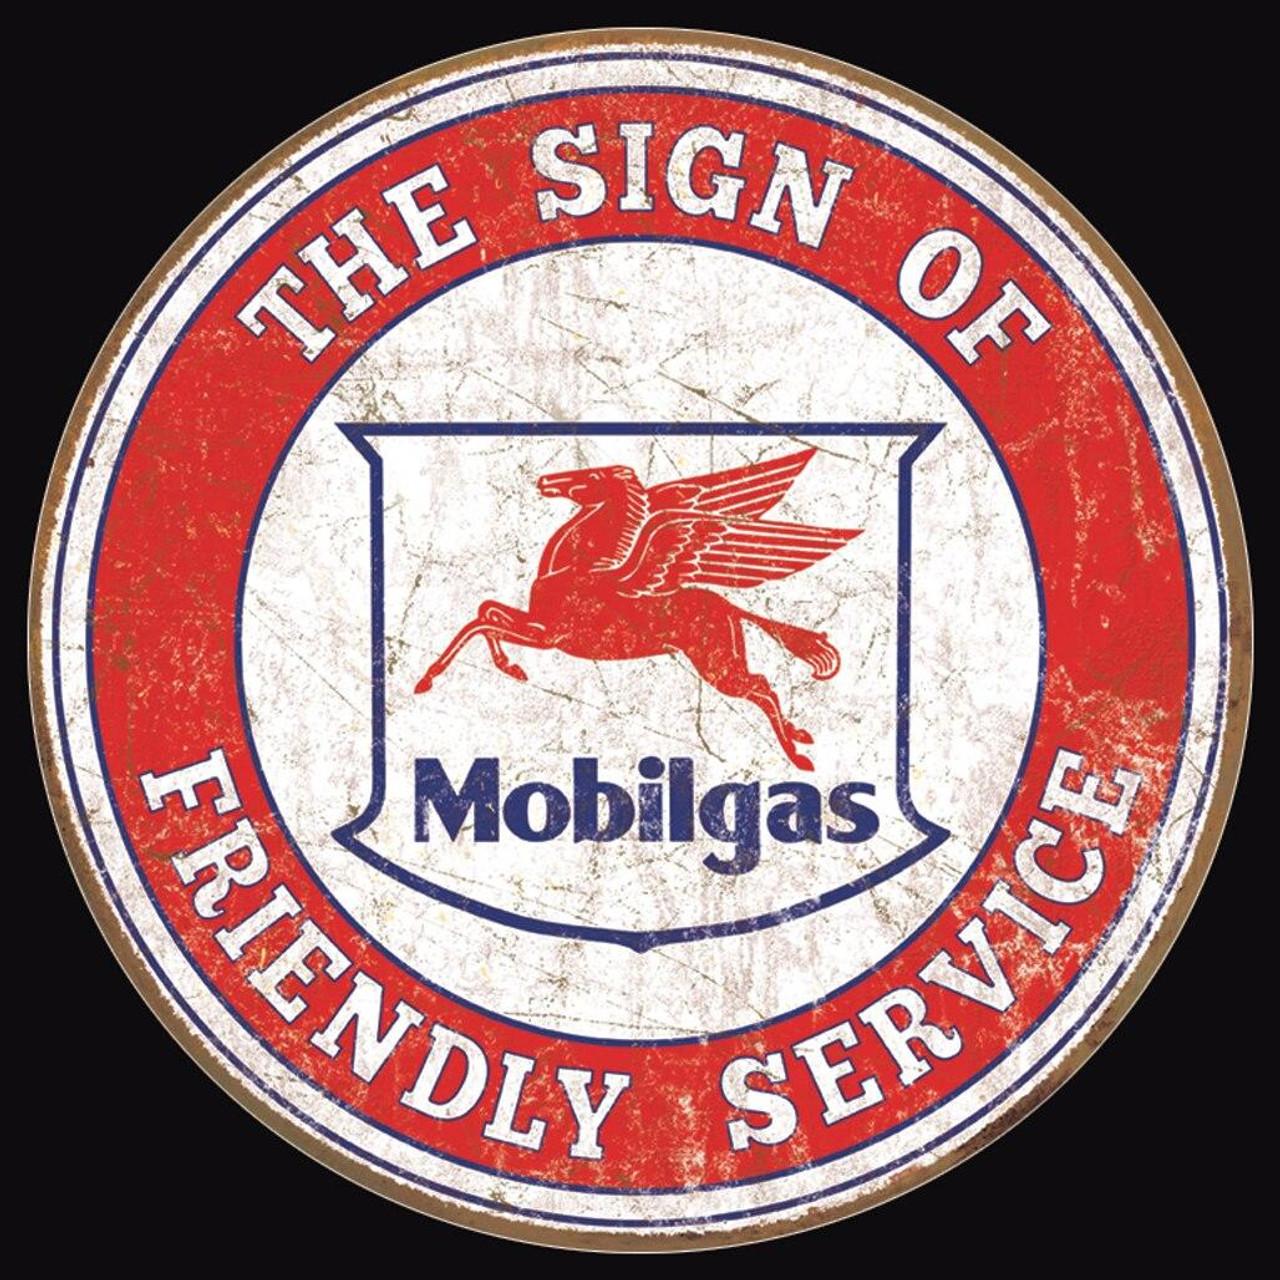 Mobilgas Mobil - Friendly Service